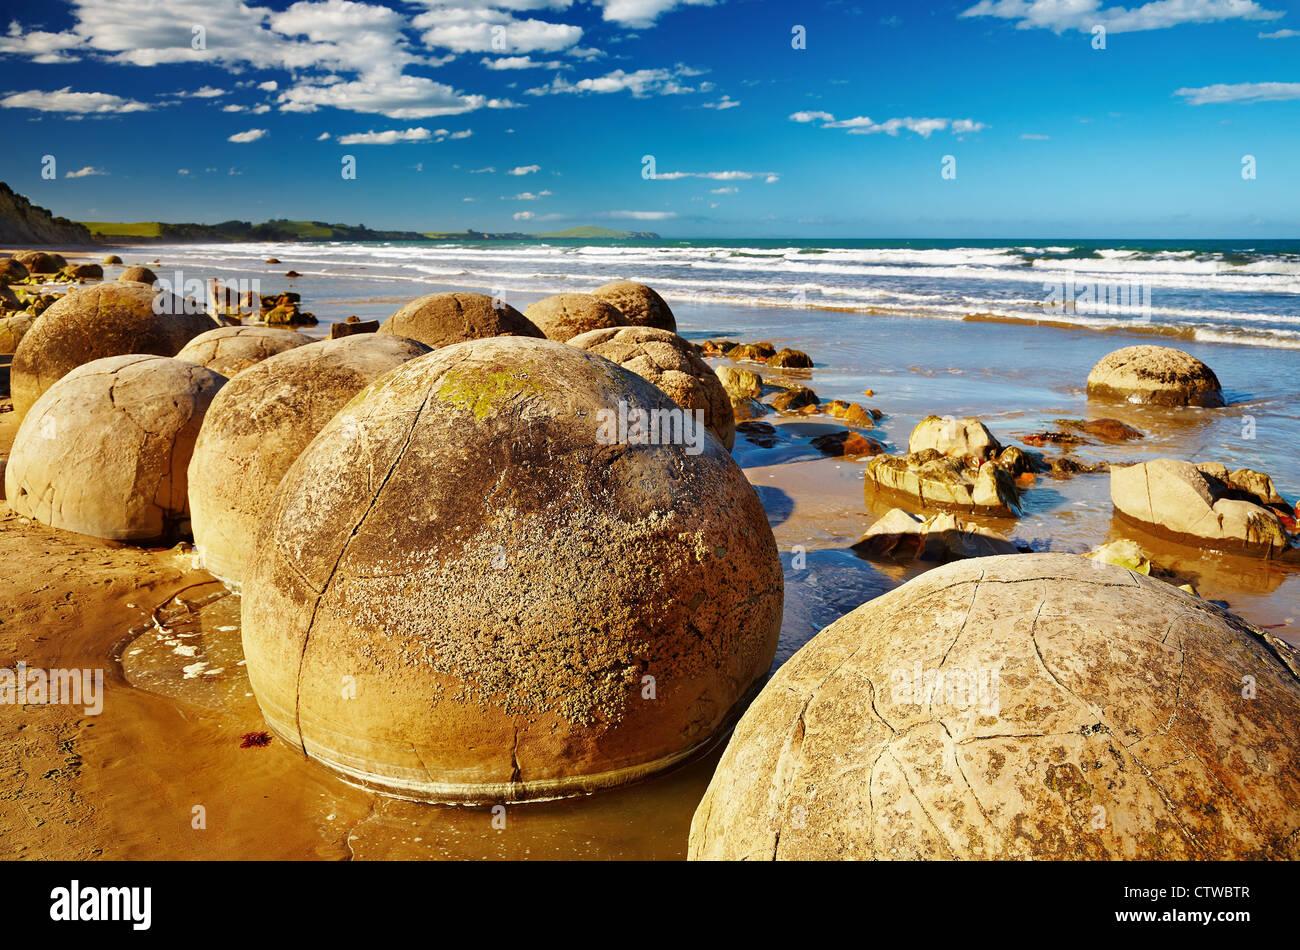 Berühmte Moeraki Boulders, Südinsel, Neuseeland Stockbild